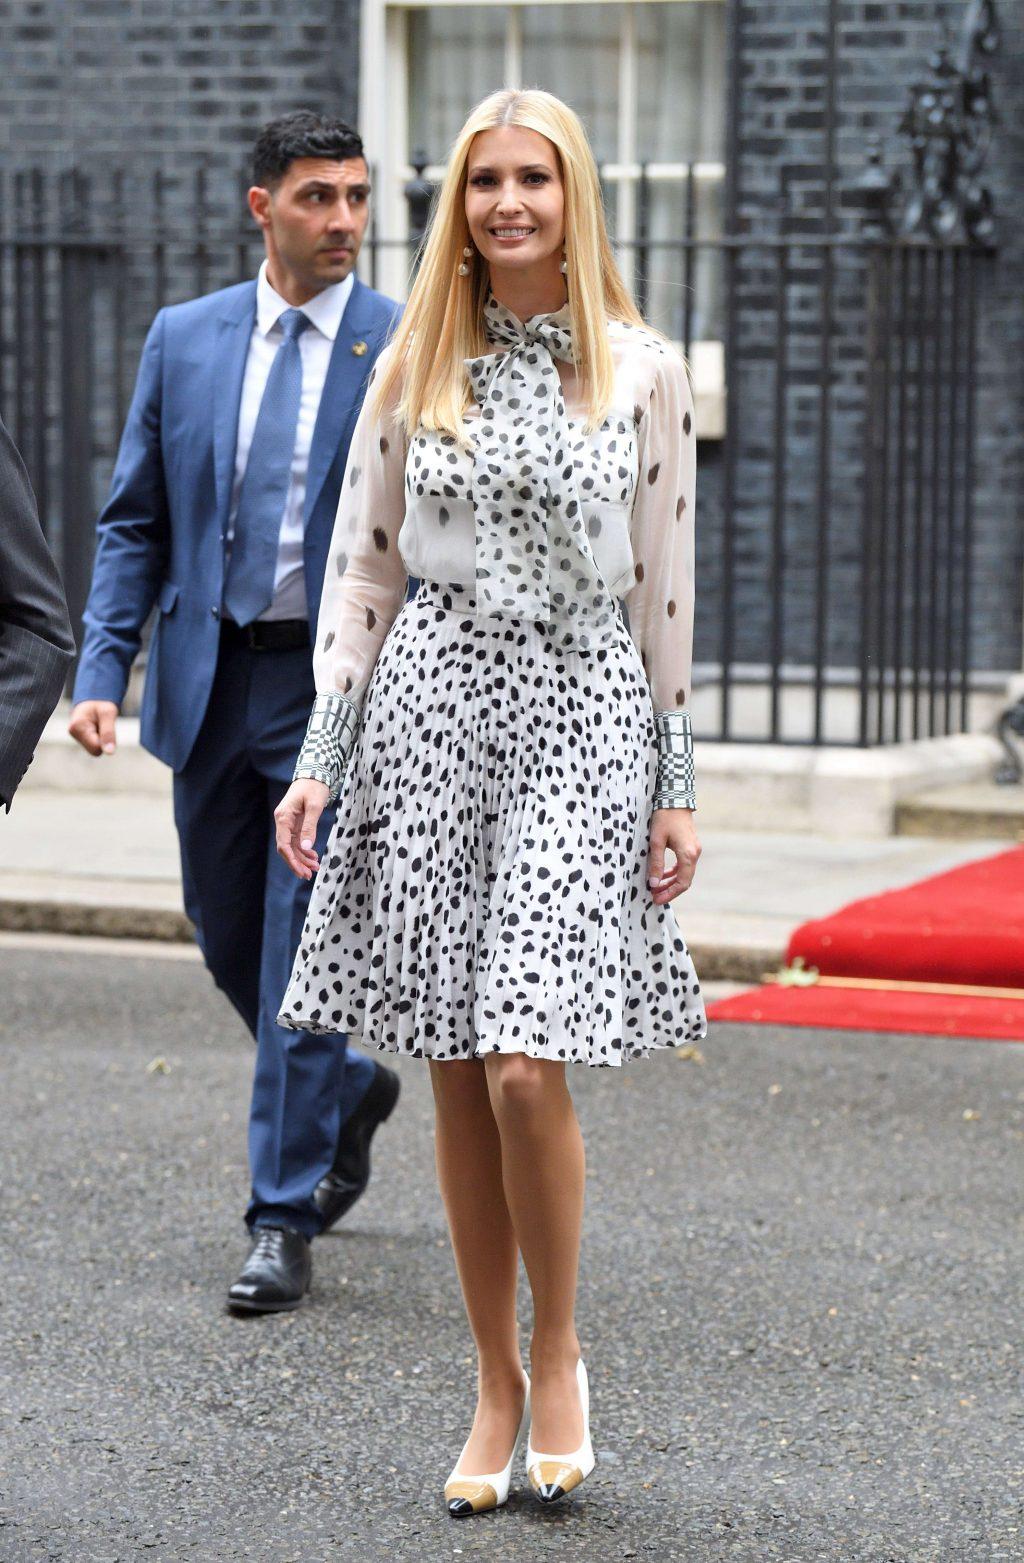 con gái donald trump diện áo blouse và chân váy họa tiết Burberry